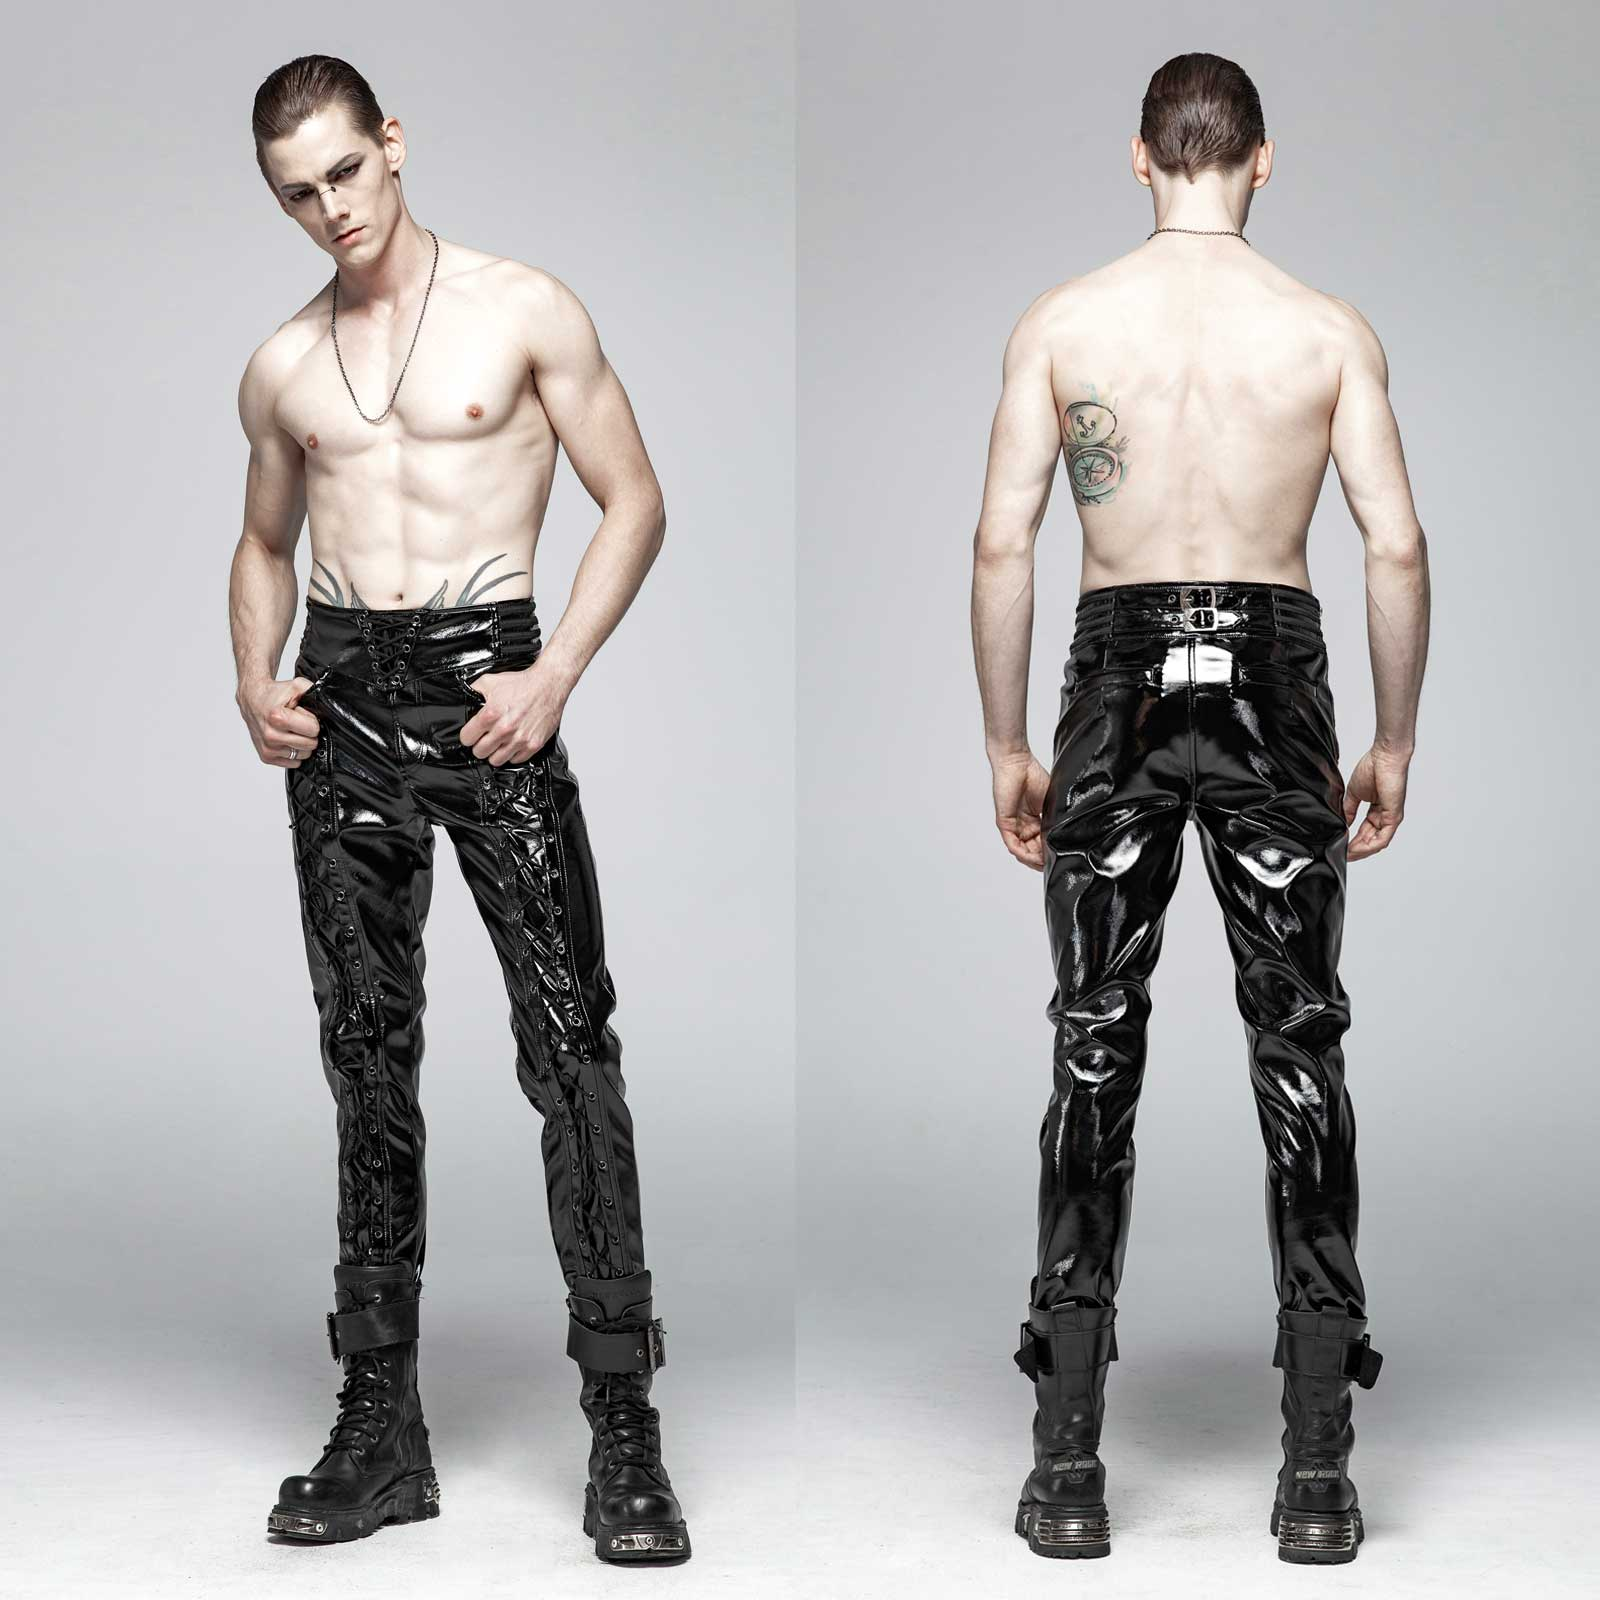 PUNK RAVE Gothic Laced-up Vinyl Pants